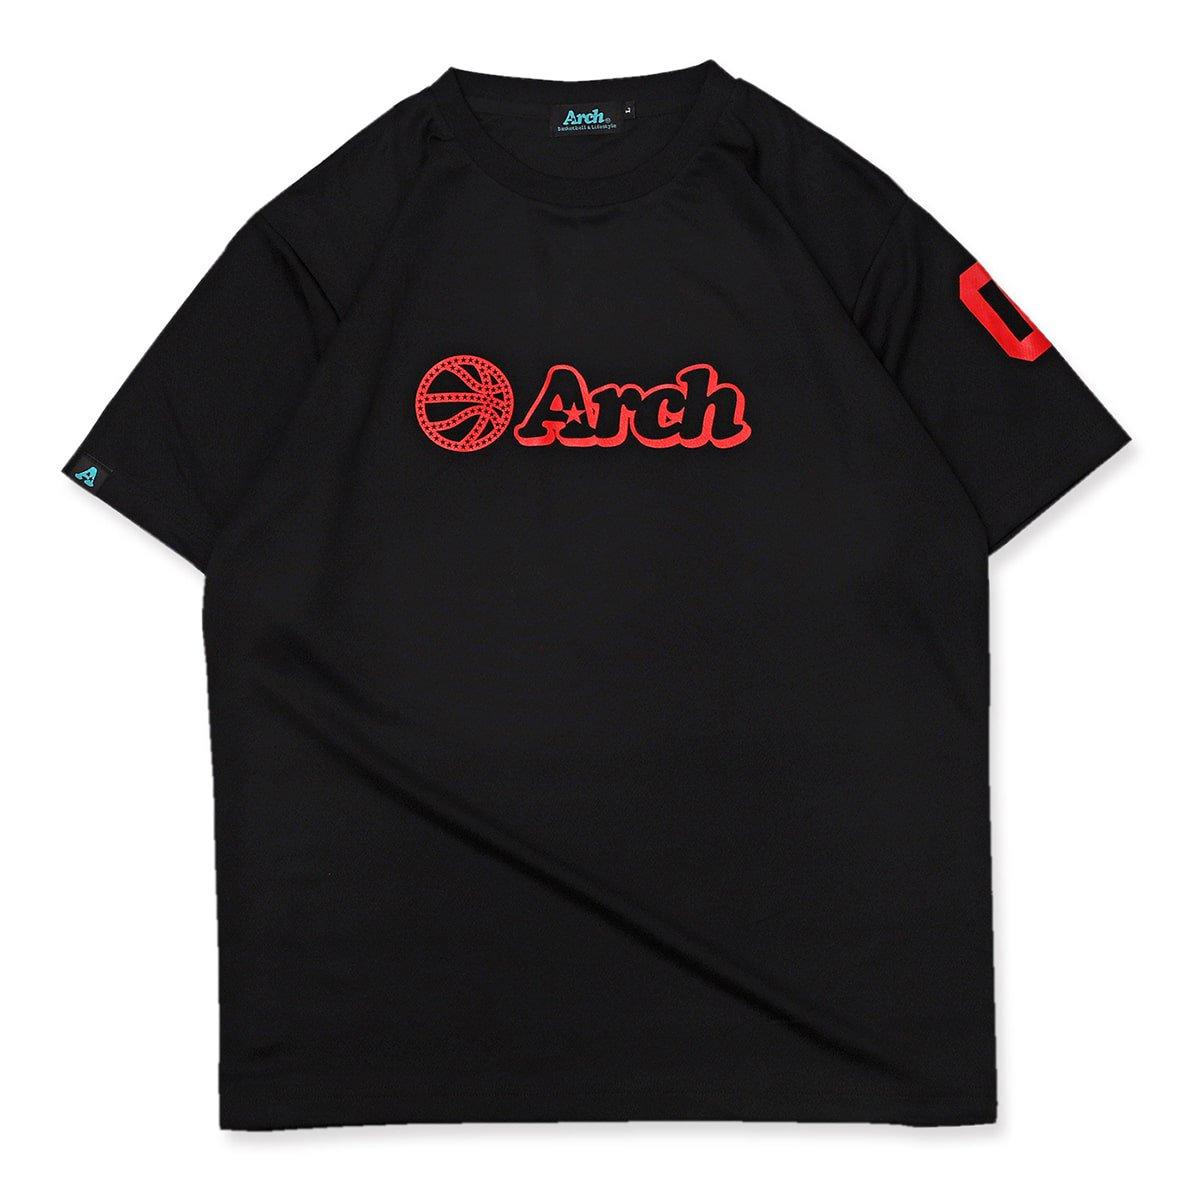 バスケ アーチ ボール ロゴ Tシャツ ブラックレッド ブラック